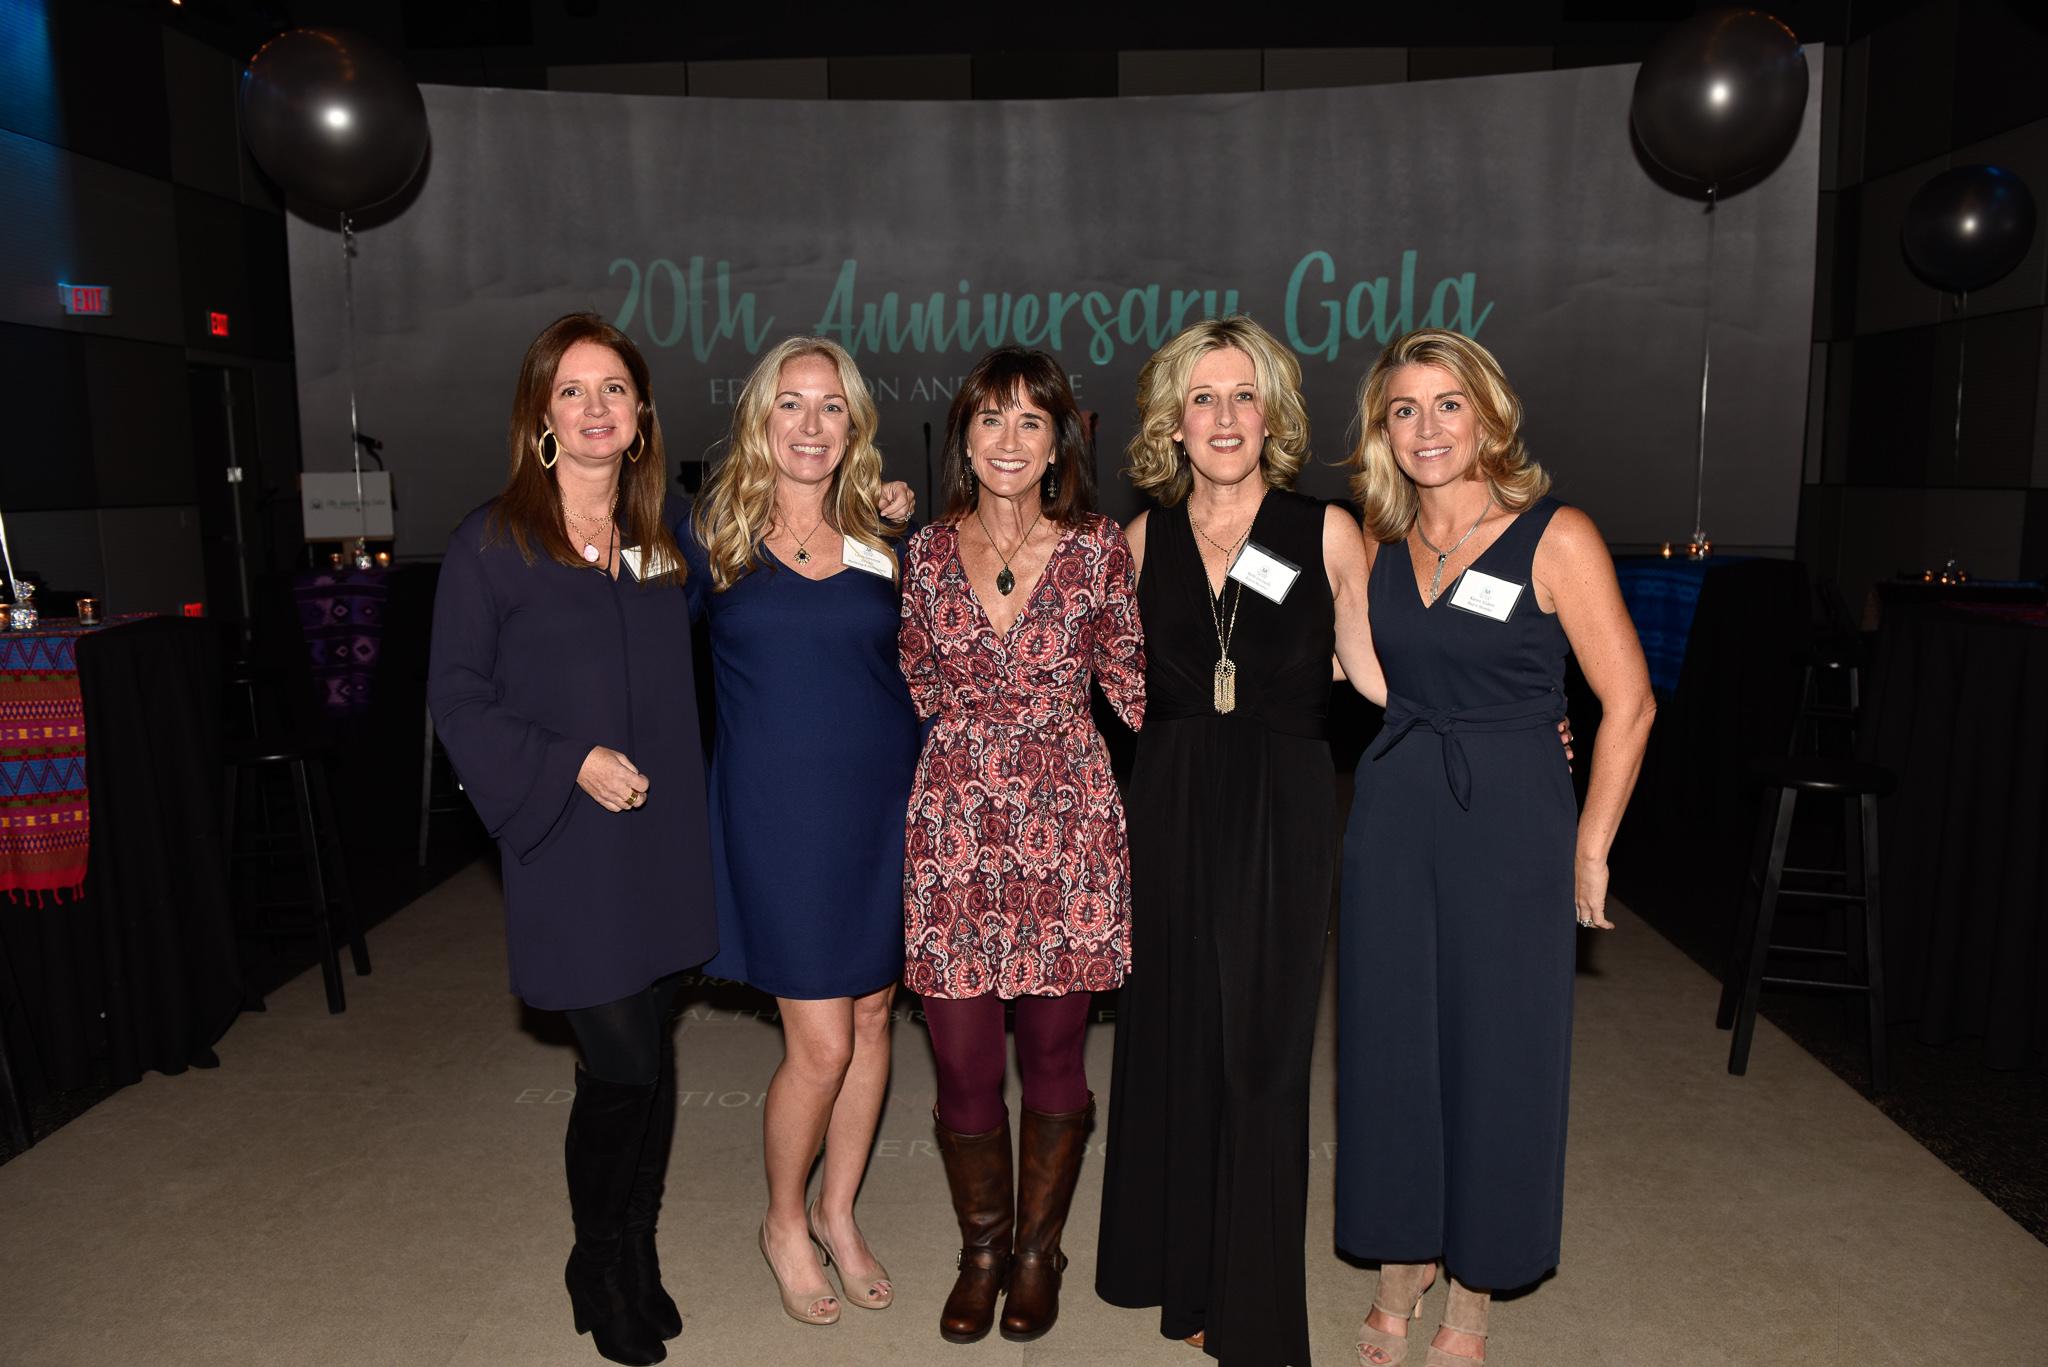 Kelly DeGulis, Laurie Swenson, Julie Coyne, Beth Iovinelli, Karen Elders